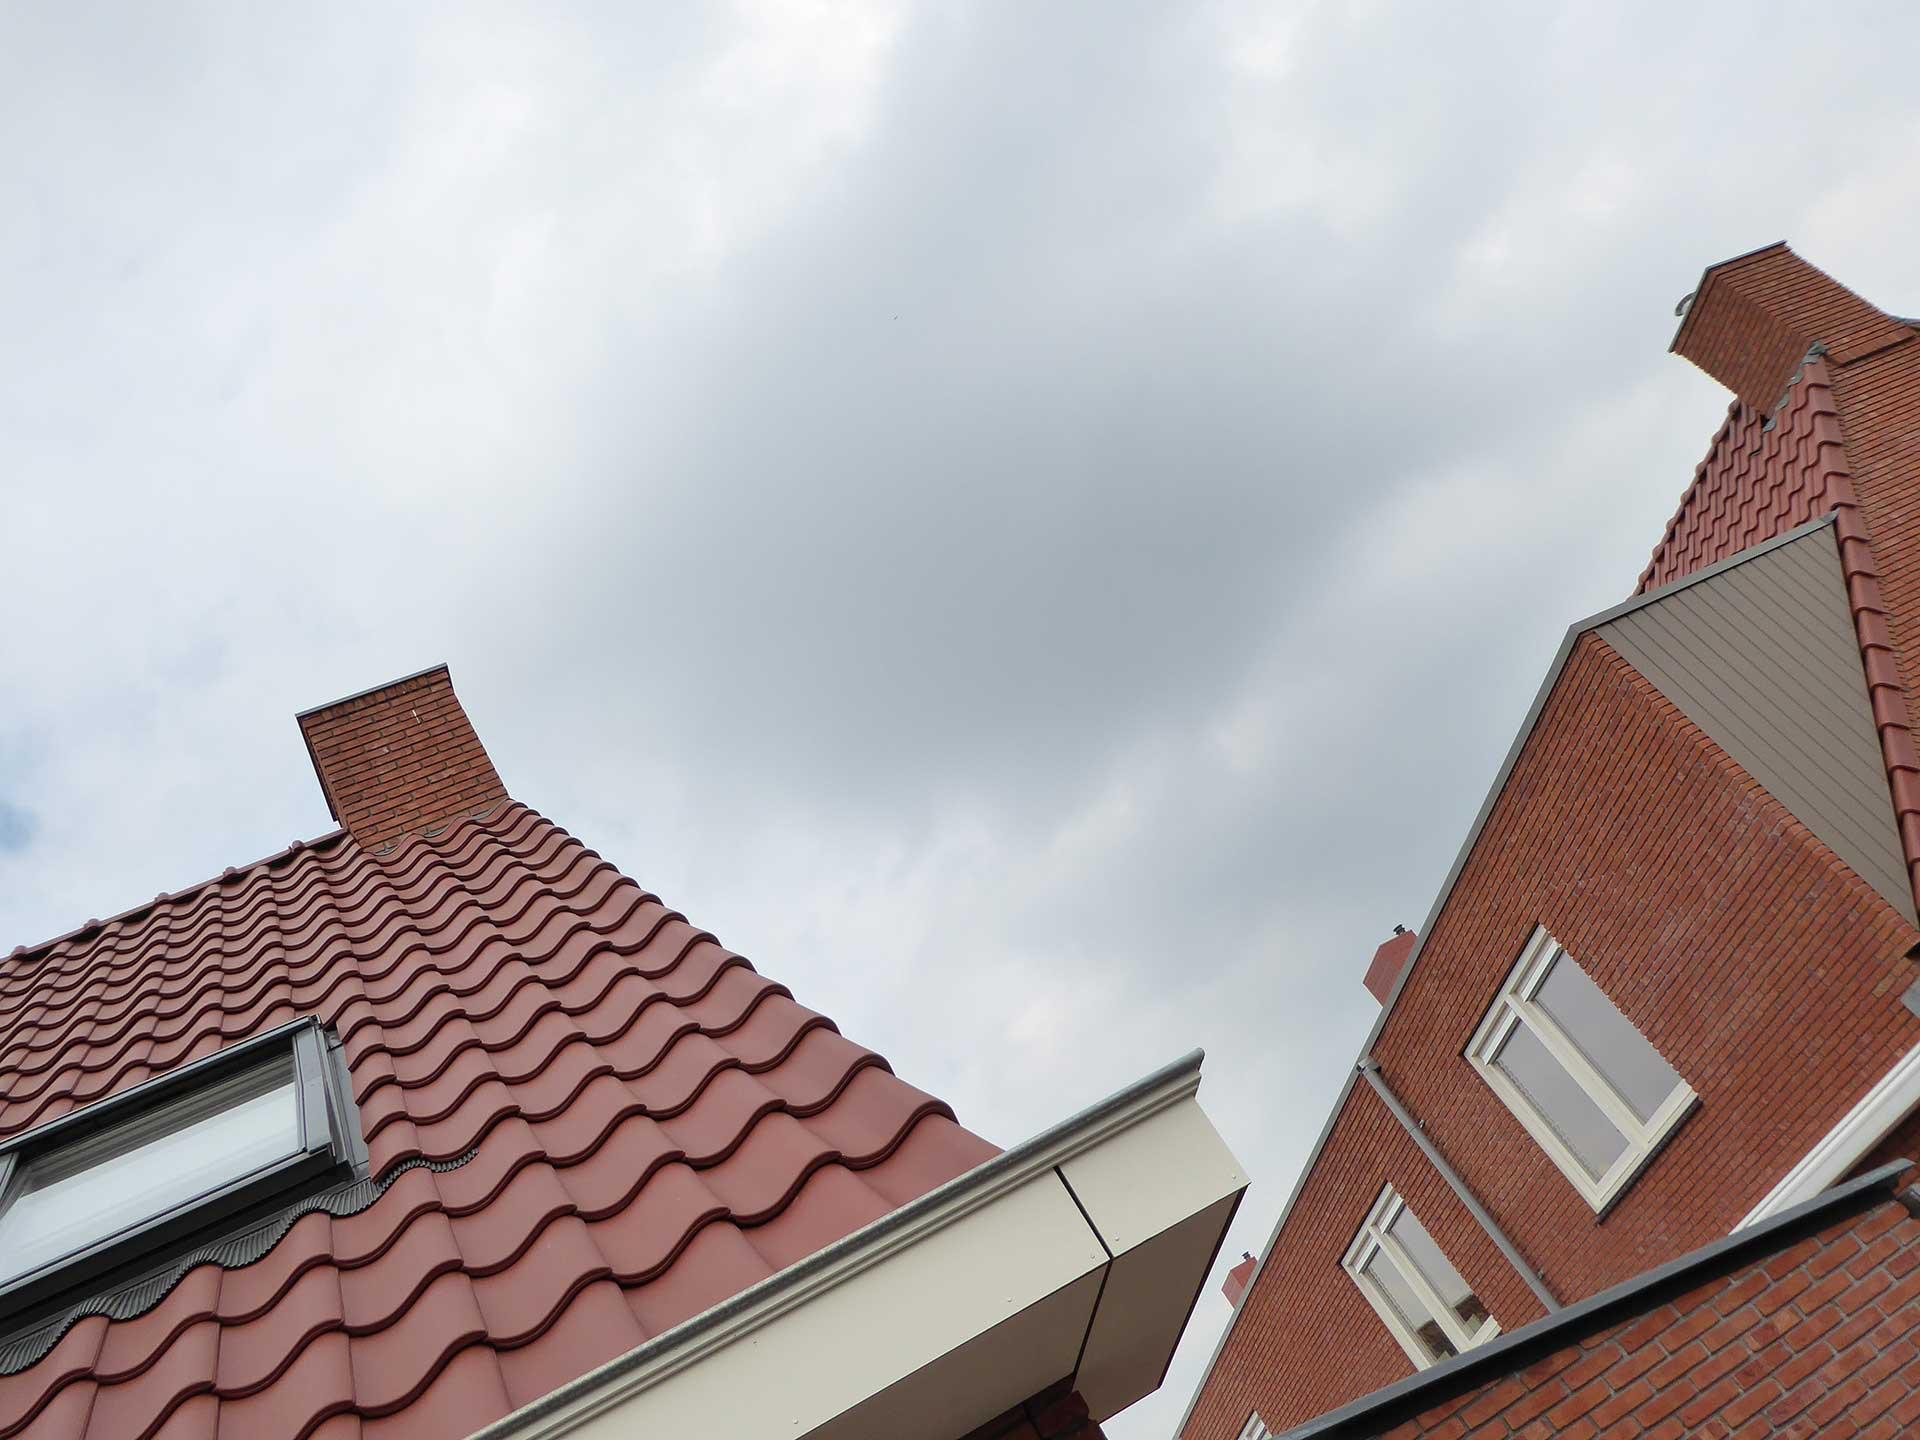 Havenbuurt Zaandam dak met rode dakpannen en huizen met rode steen